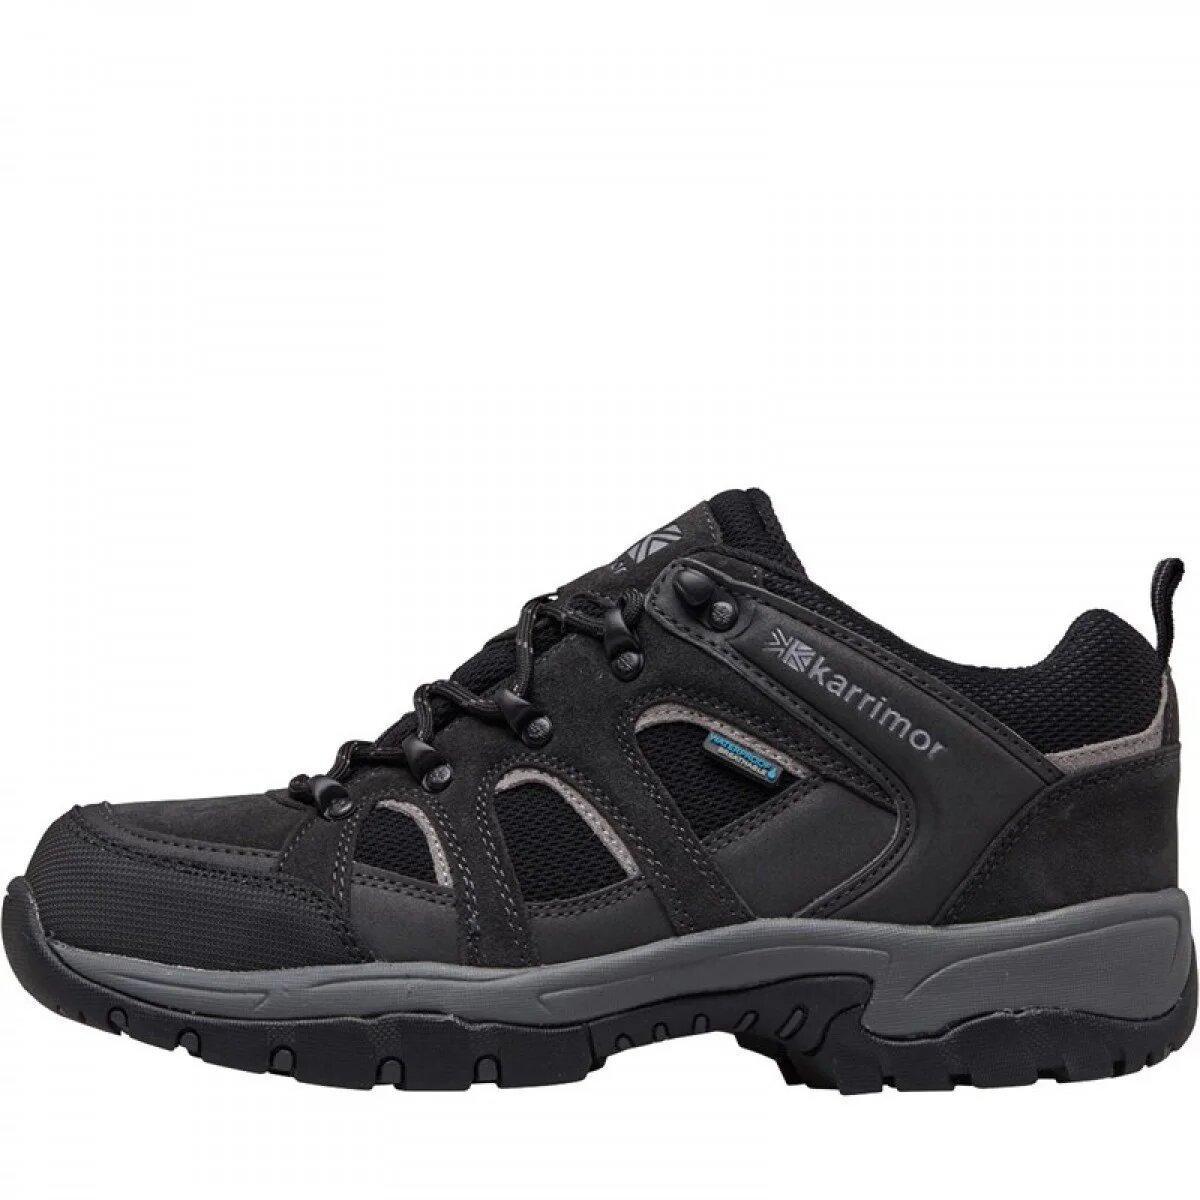 Оригинальные трекинговые ботинки на мембране Karrimor Bodmin Low 4 weathertite